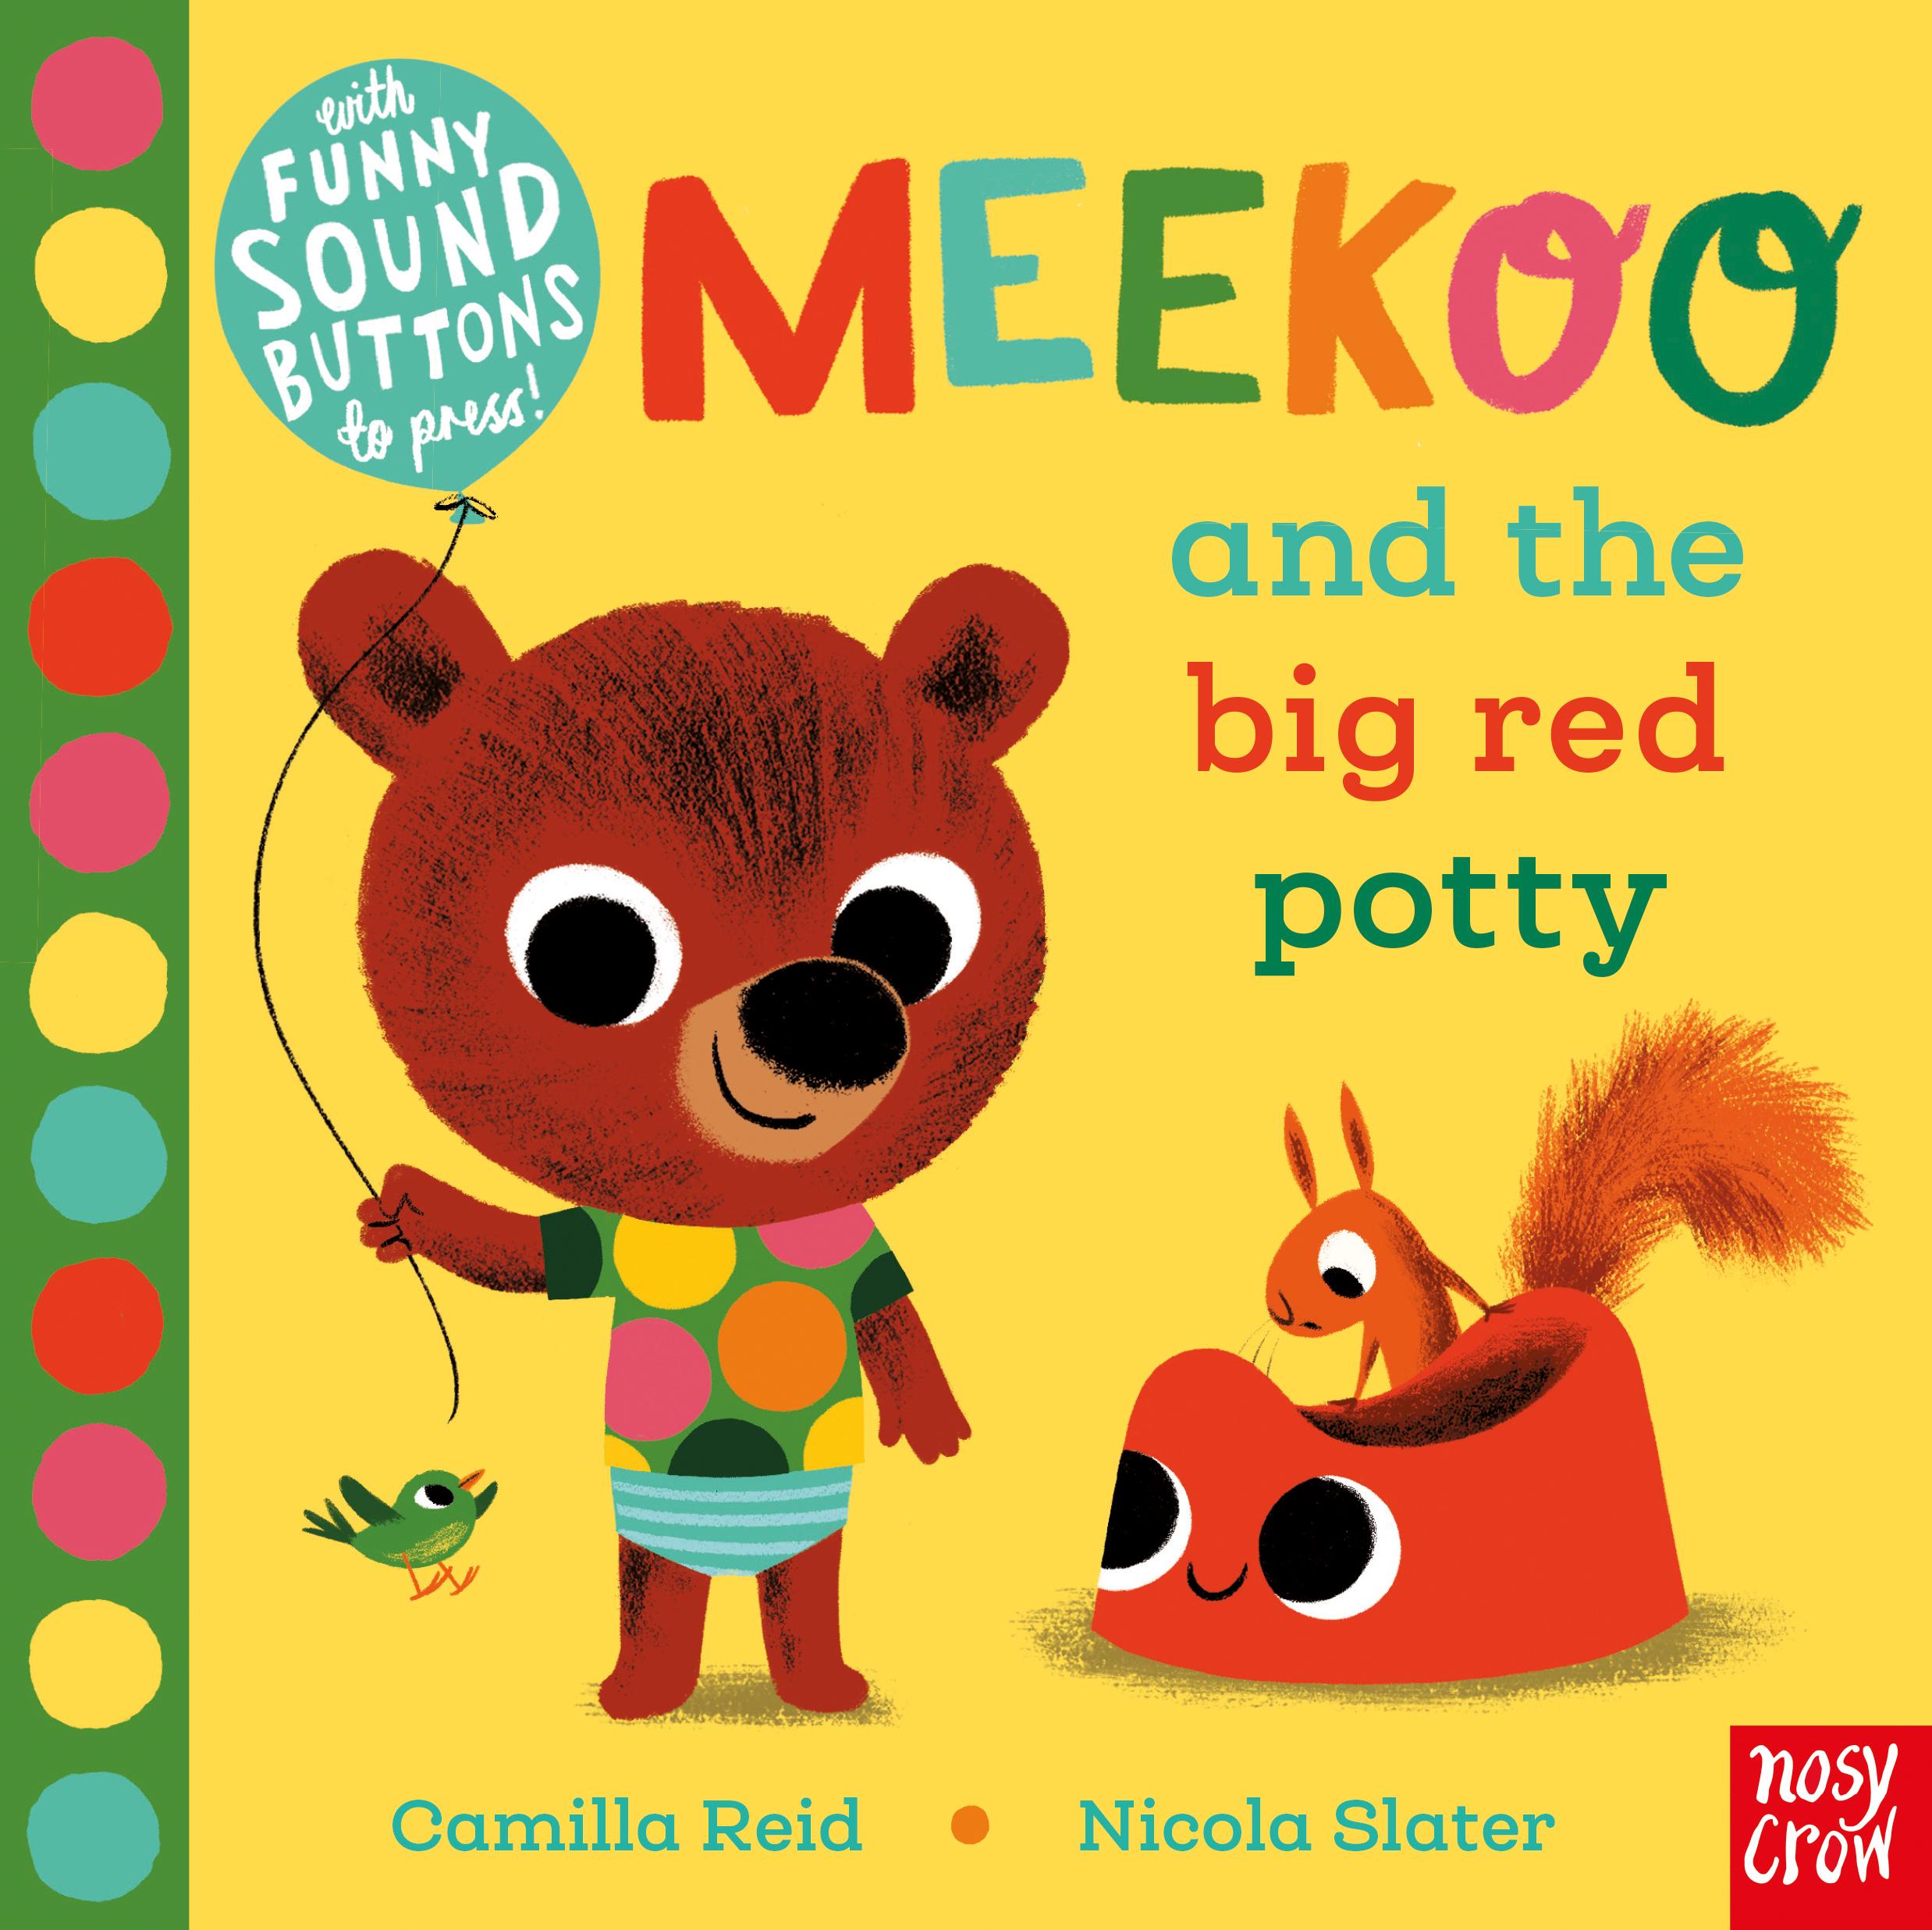 Meekoo-and-the-Big-Red-Potty-495820-1.jpg